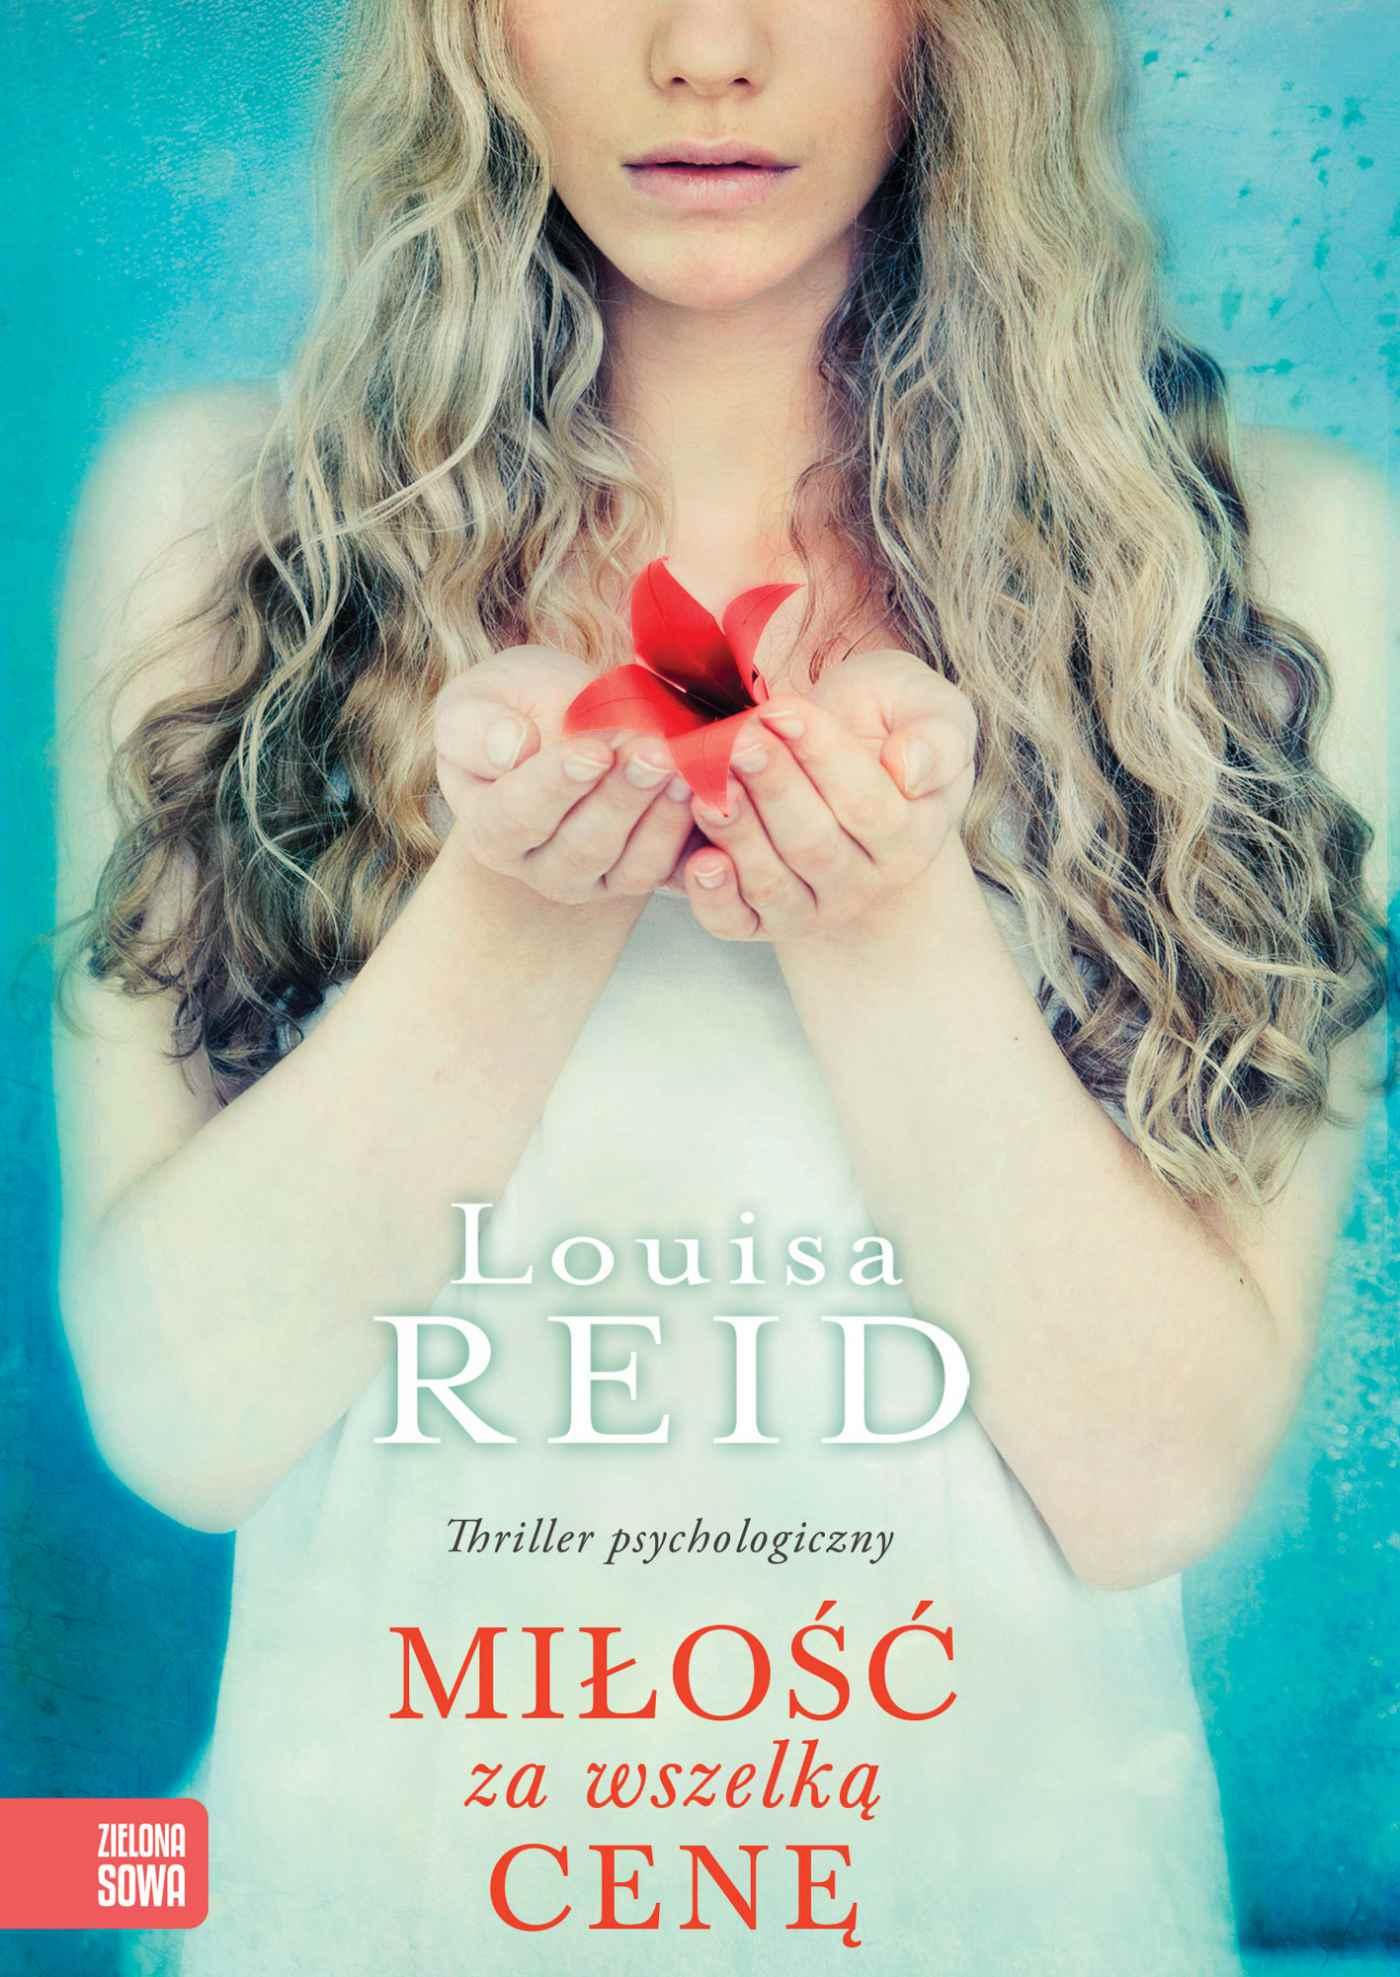 Miłość za wszelką cenę - Ebook (Książka na Kindle) do pobrania w formacie MOBI